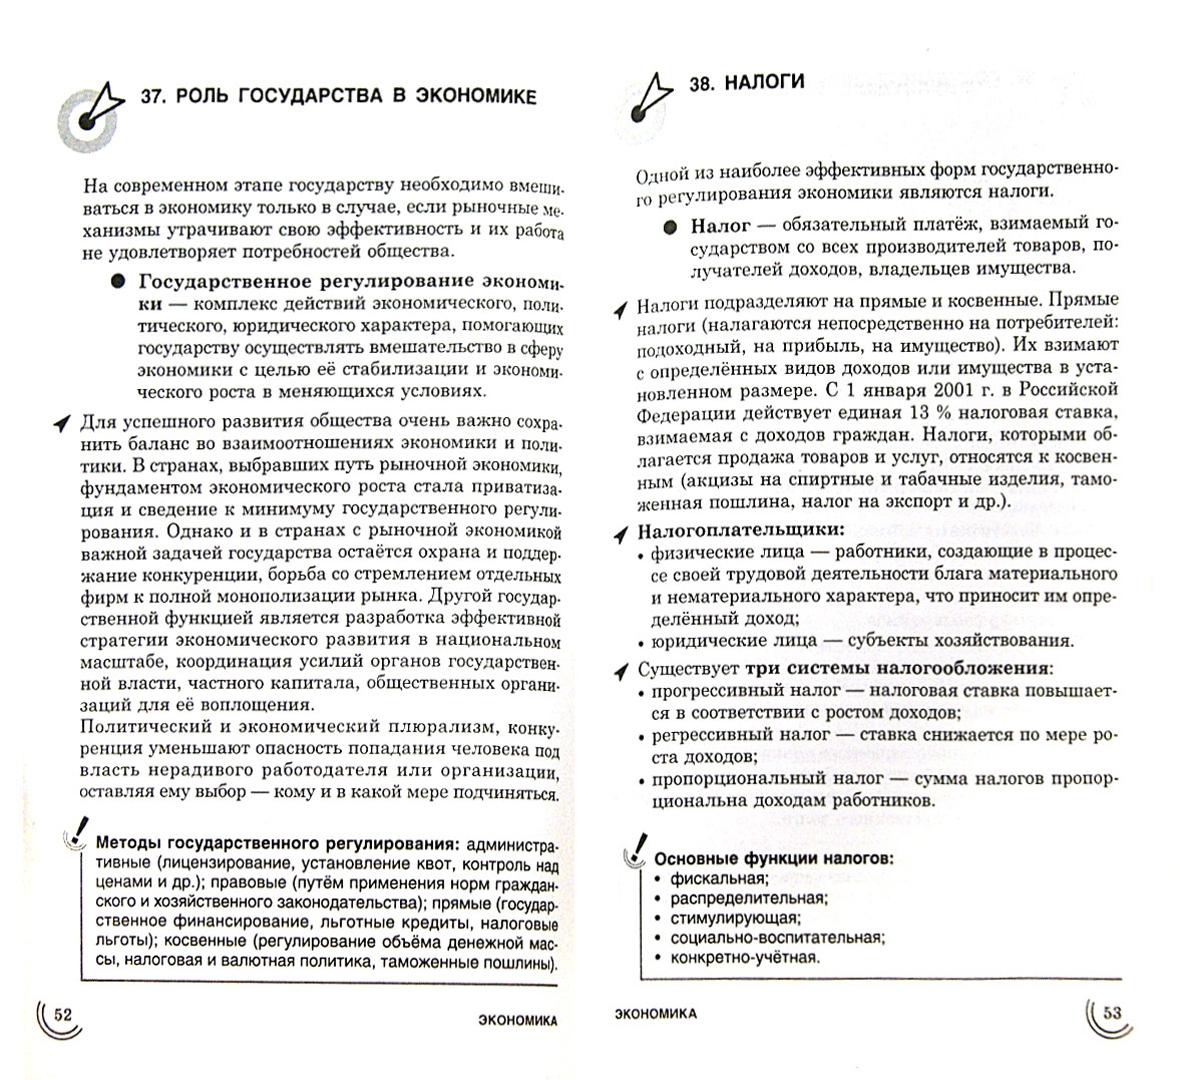 Иллюстрация 1 из 15 для Обществознание - Геннадий Дедурин   Лабиринт - книги. Источник: Лабиринт